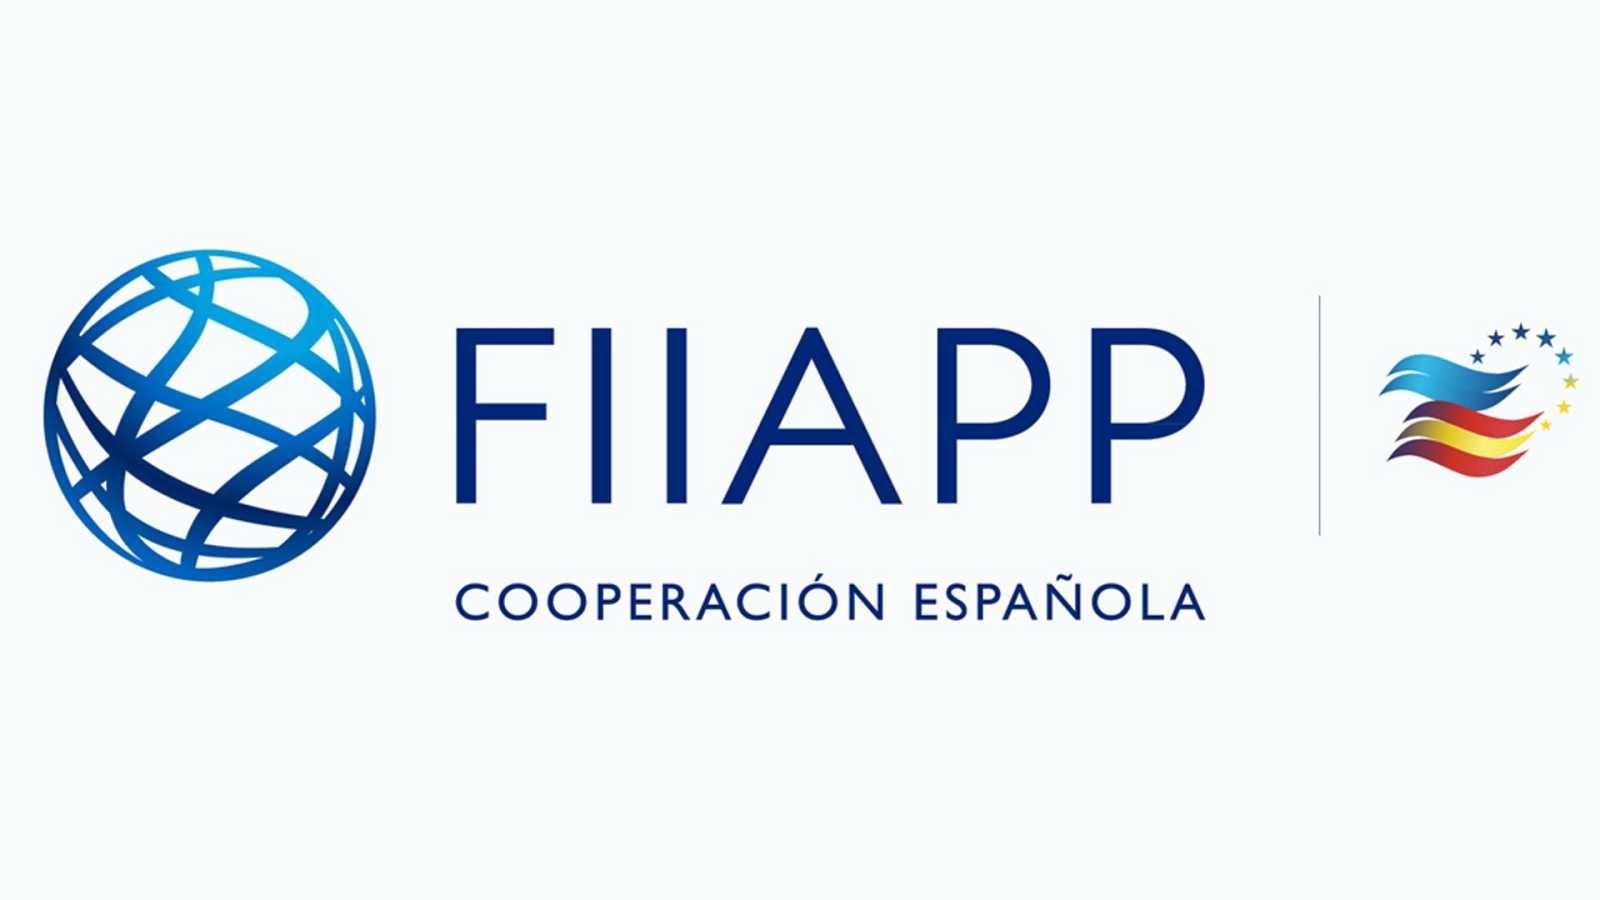 Cooperación pública en el mundo (FIAPP) - El trabajo de la FIIAPP con la Dirección General de Seguros - 24/02/21 - escuchar ahora